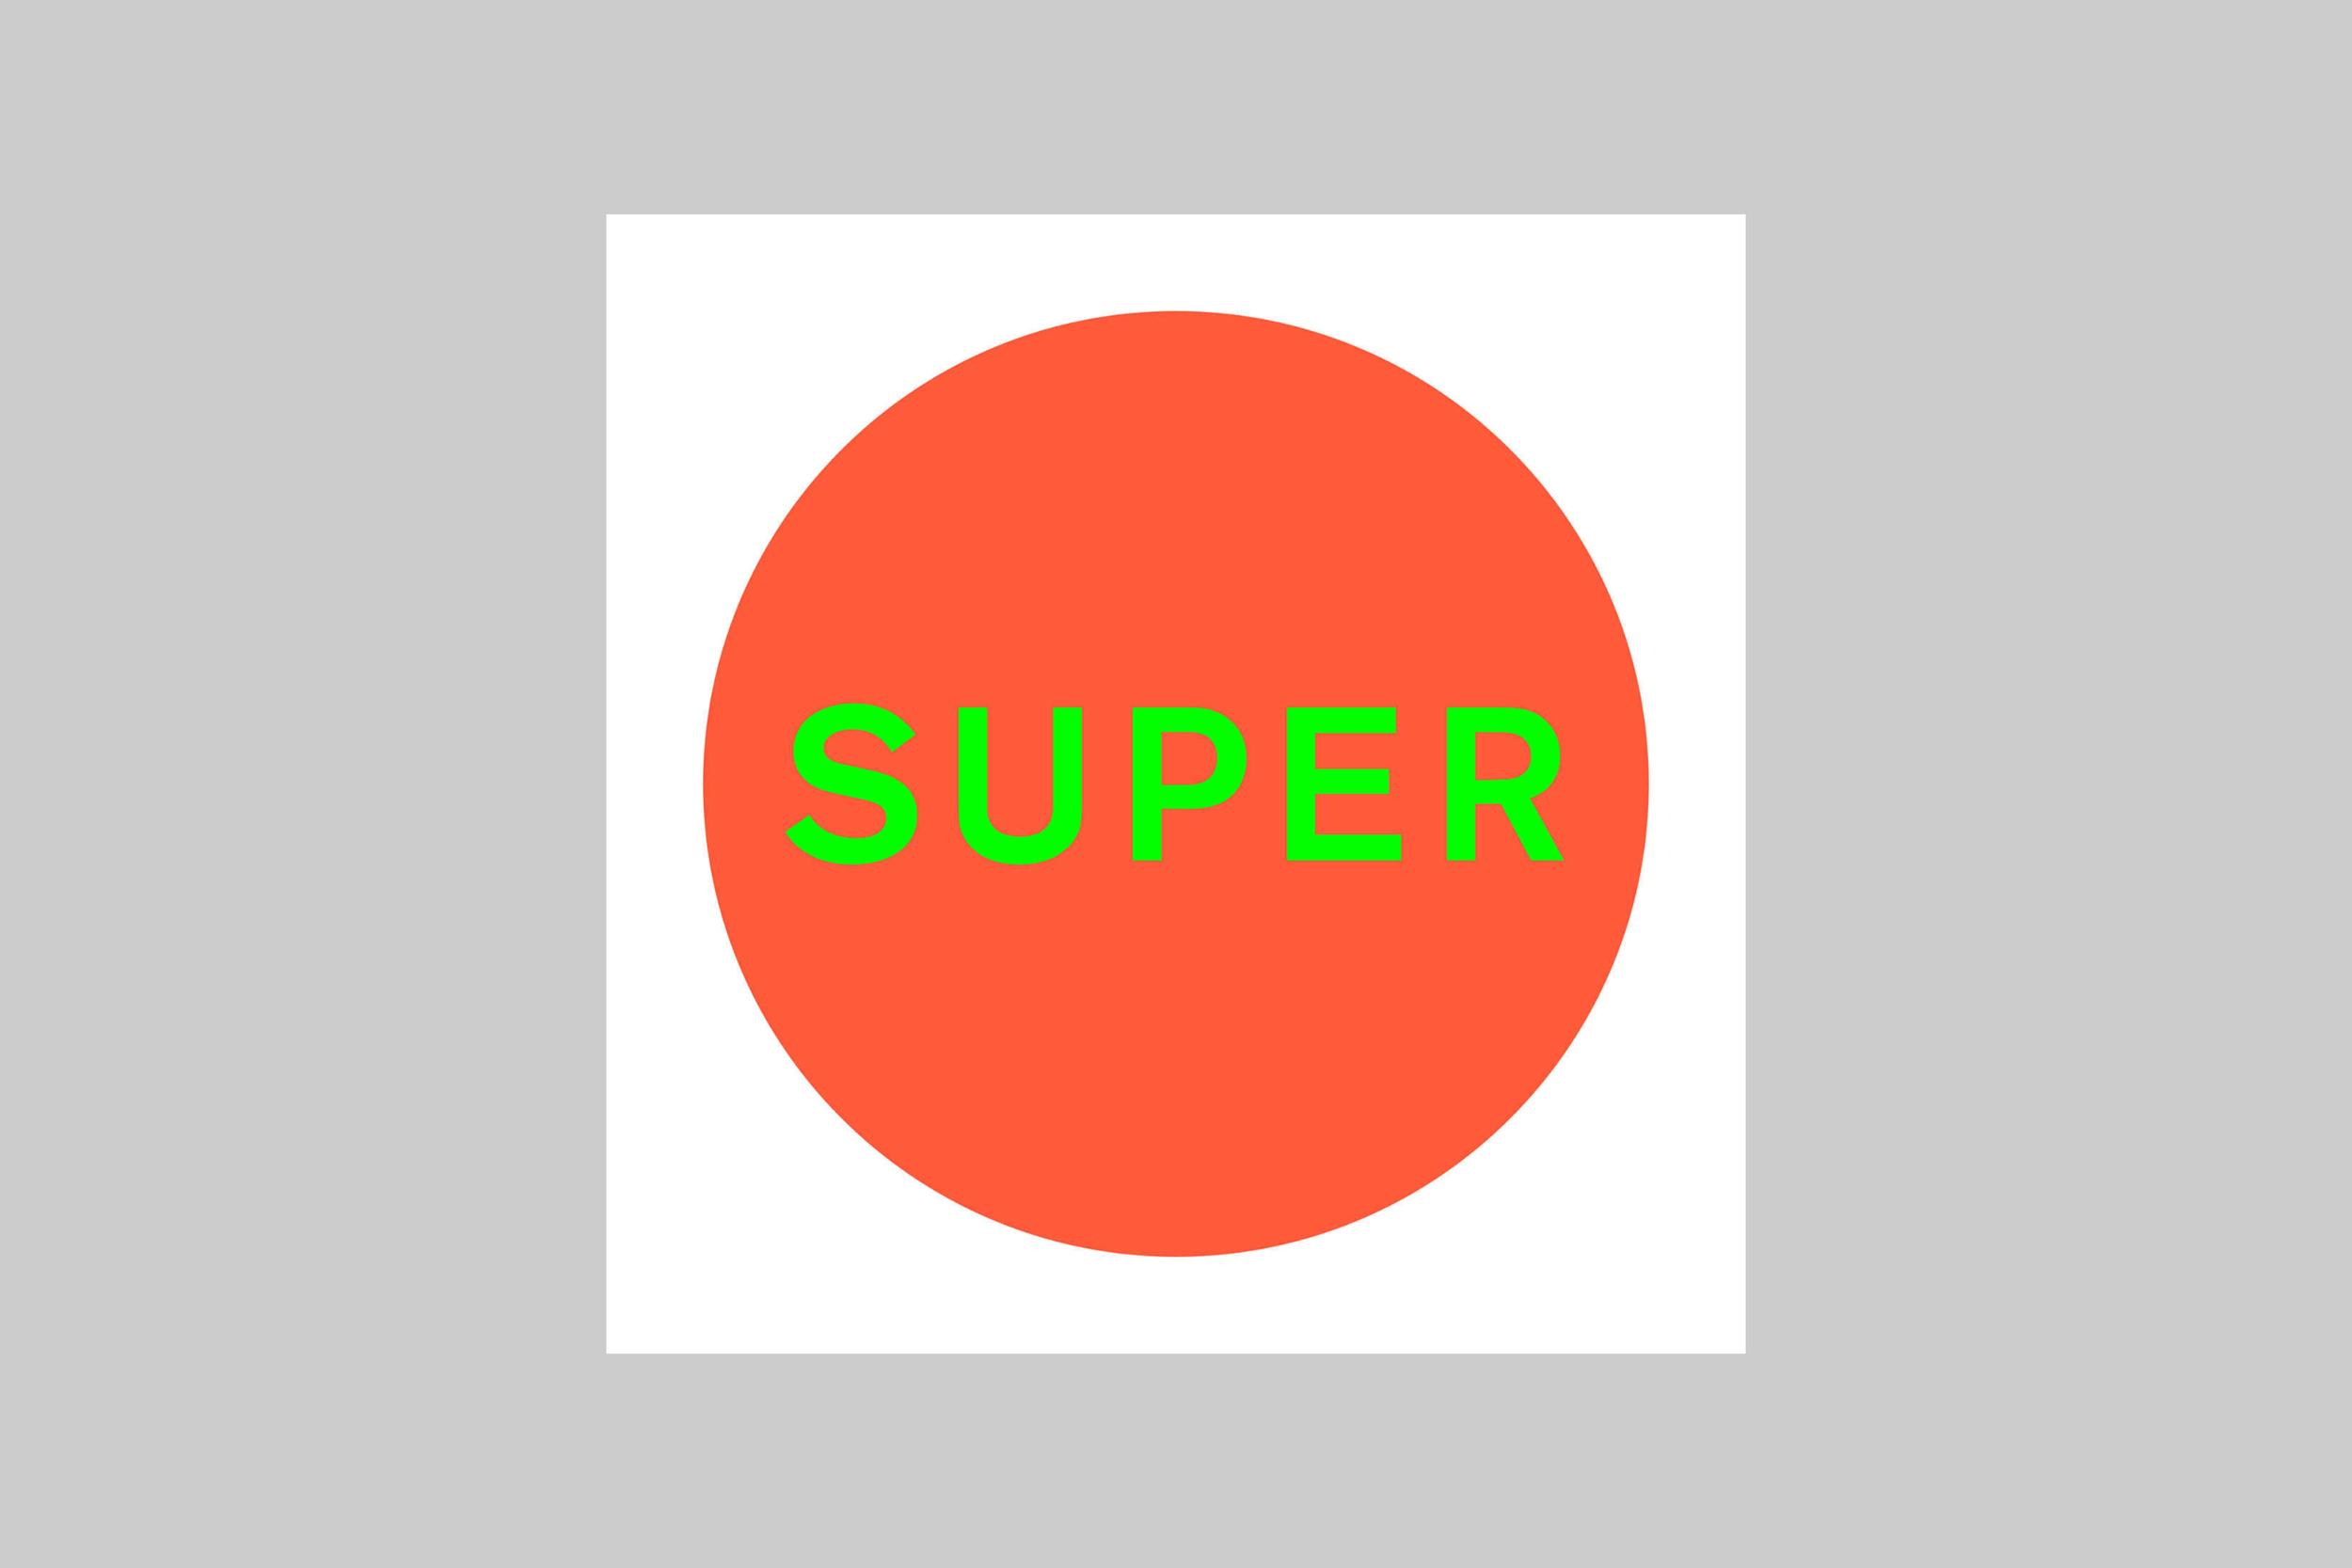 Super  - 2016 - Design by Farrow